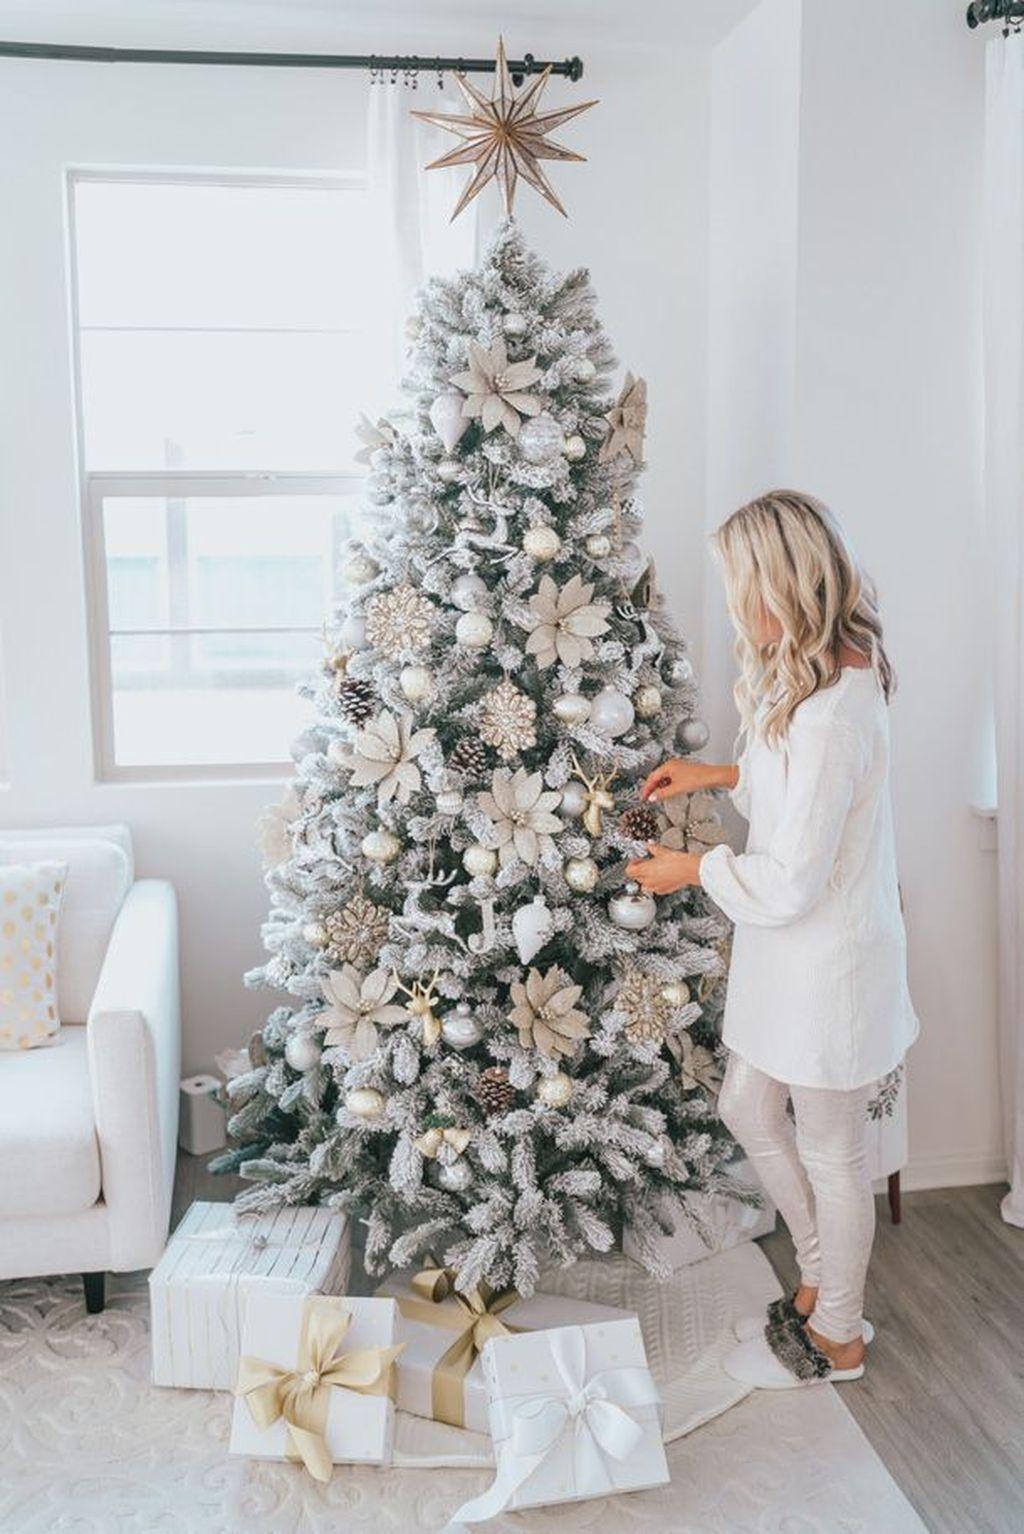 48 Umwerfende Weisse Weihnachtsbaumideen Fur Ihr Interieur Interior D Glam Christmas Tree White Christmas Tree Decorations Flocked Christmas Trees Decorated